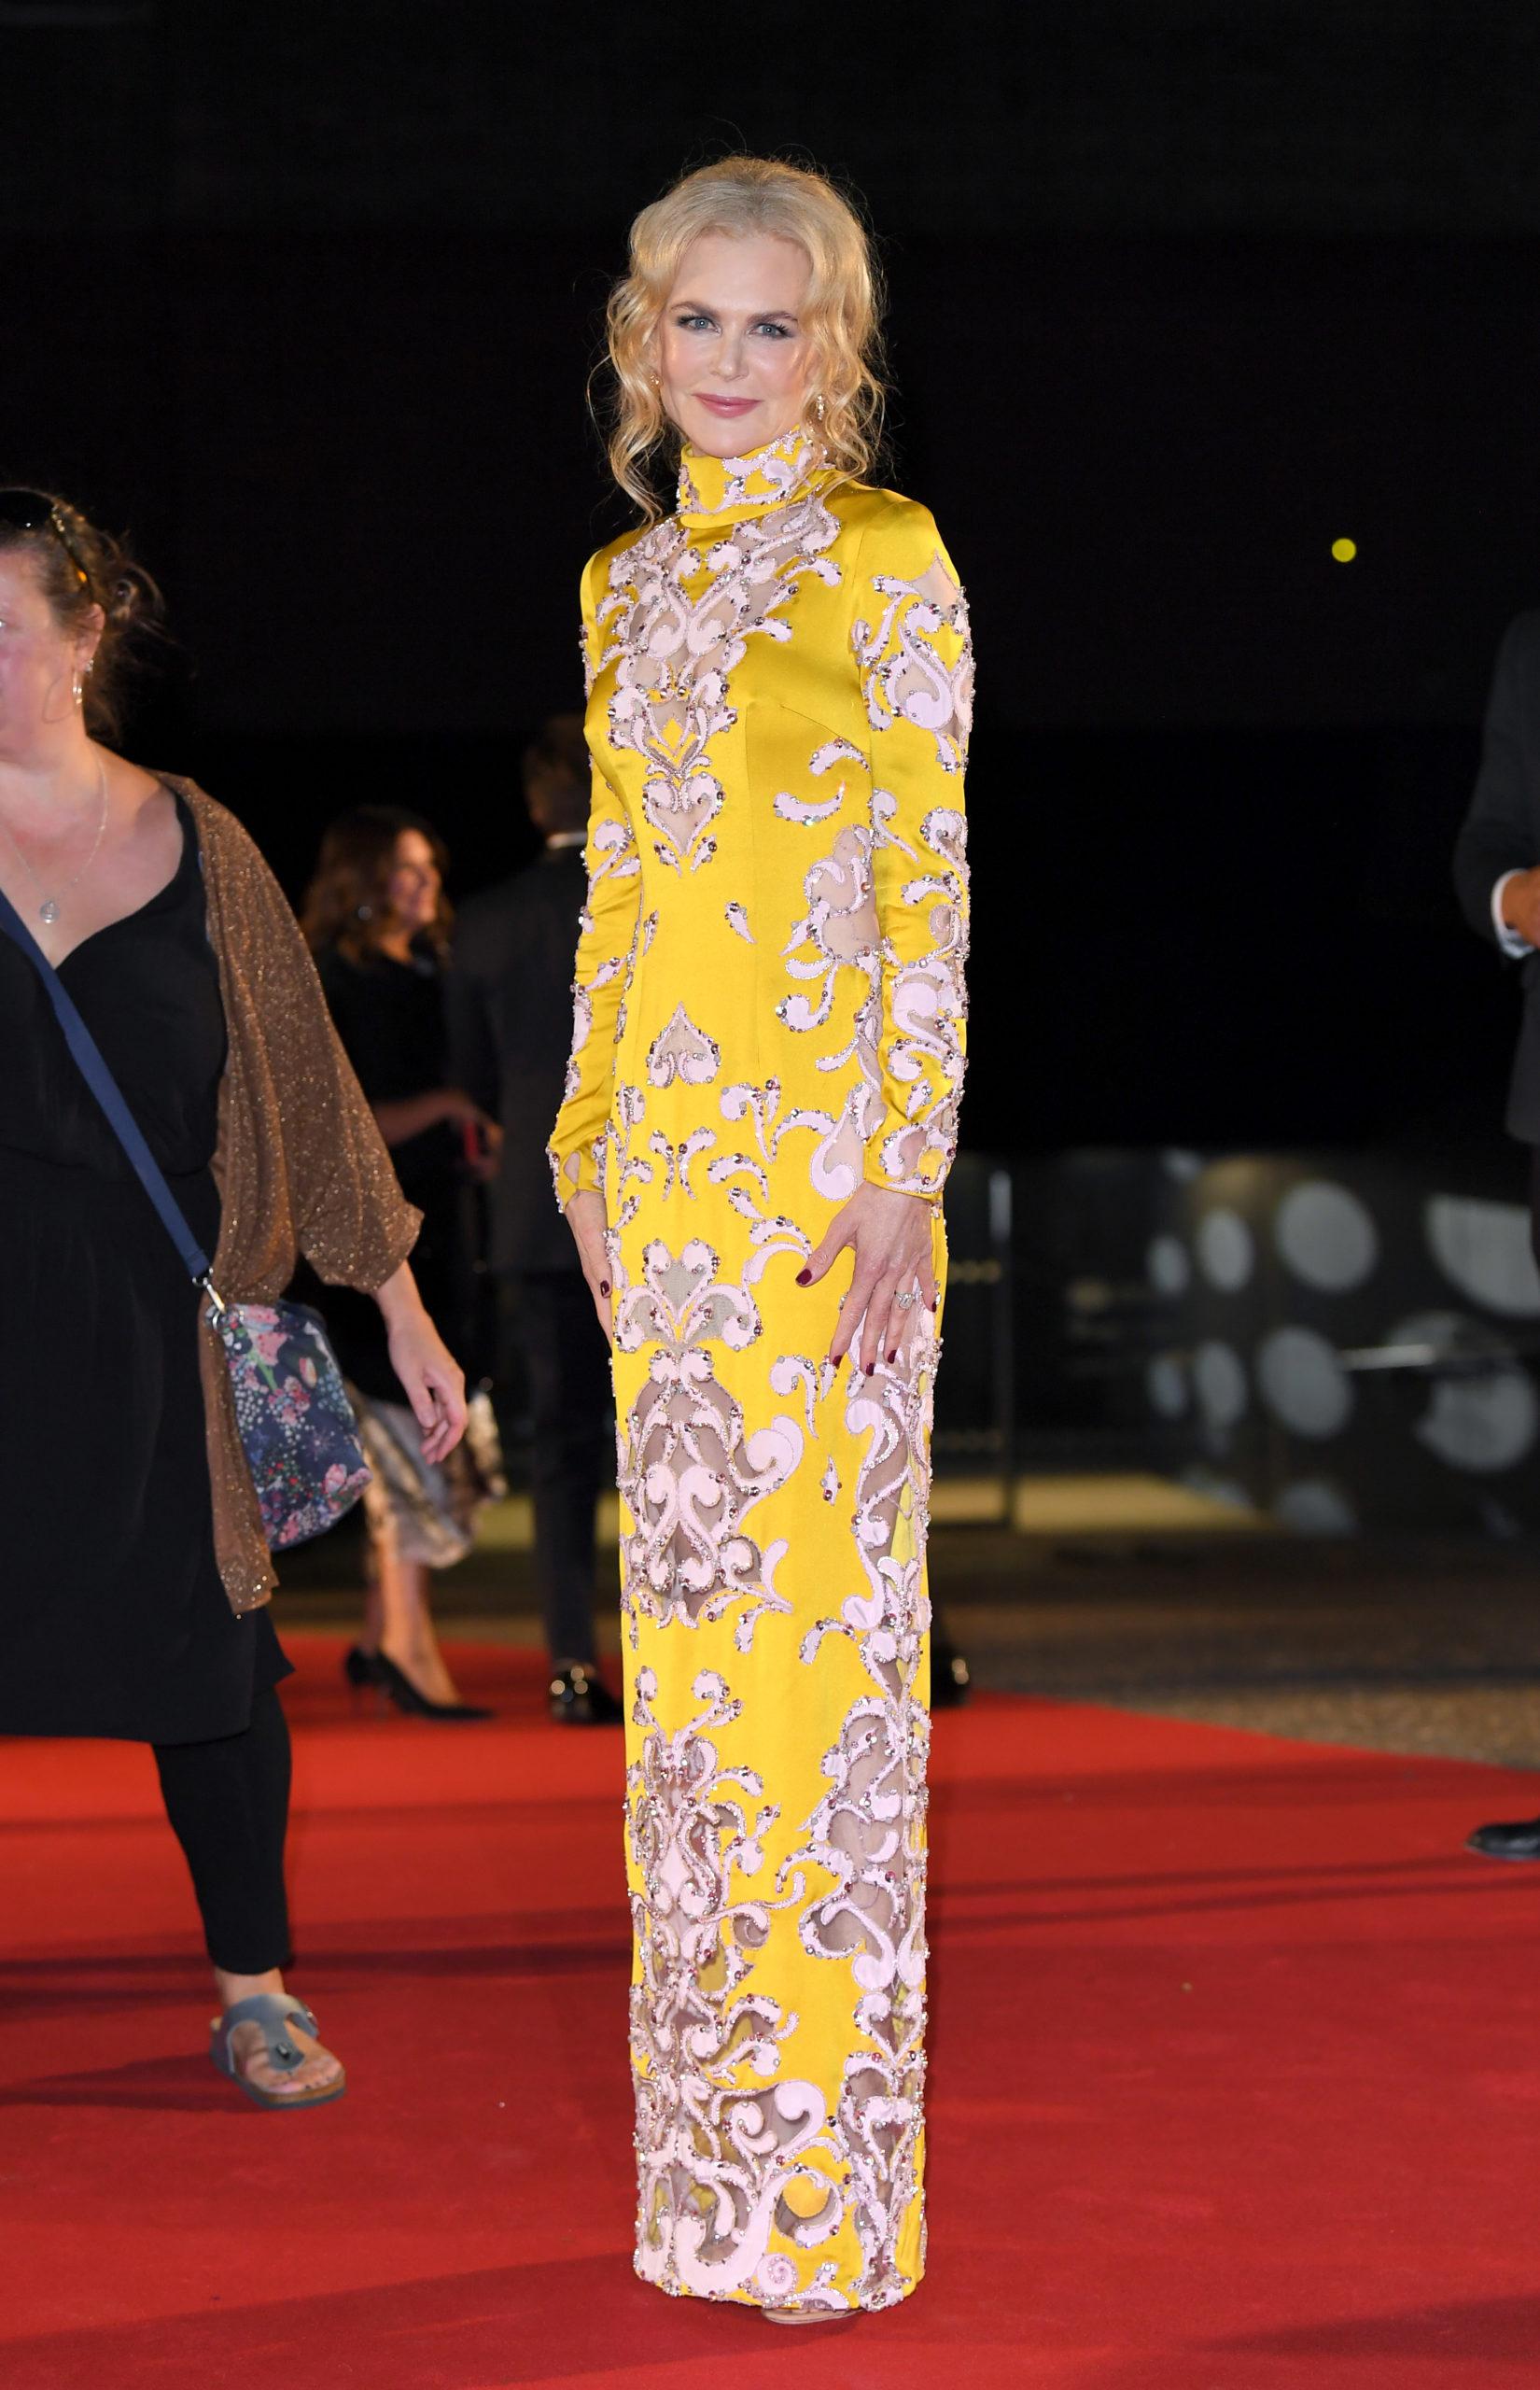 Kylie e Nicole regine del red carpet